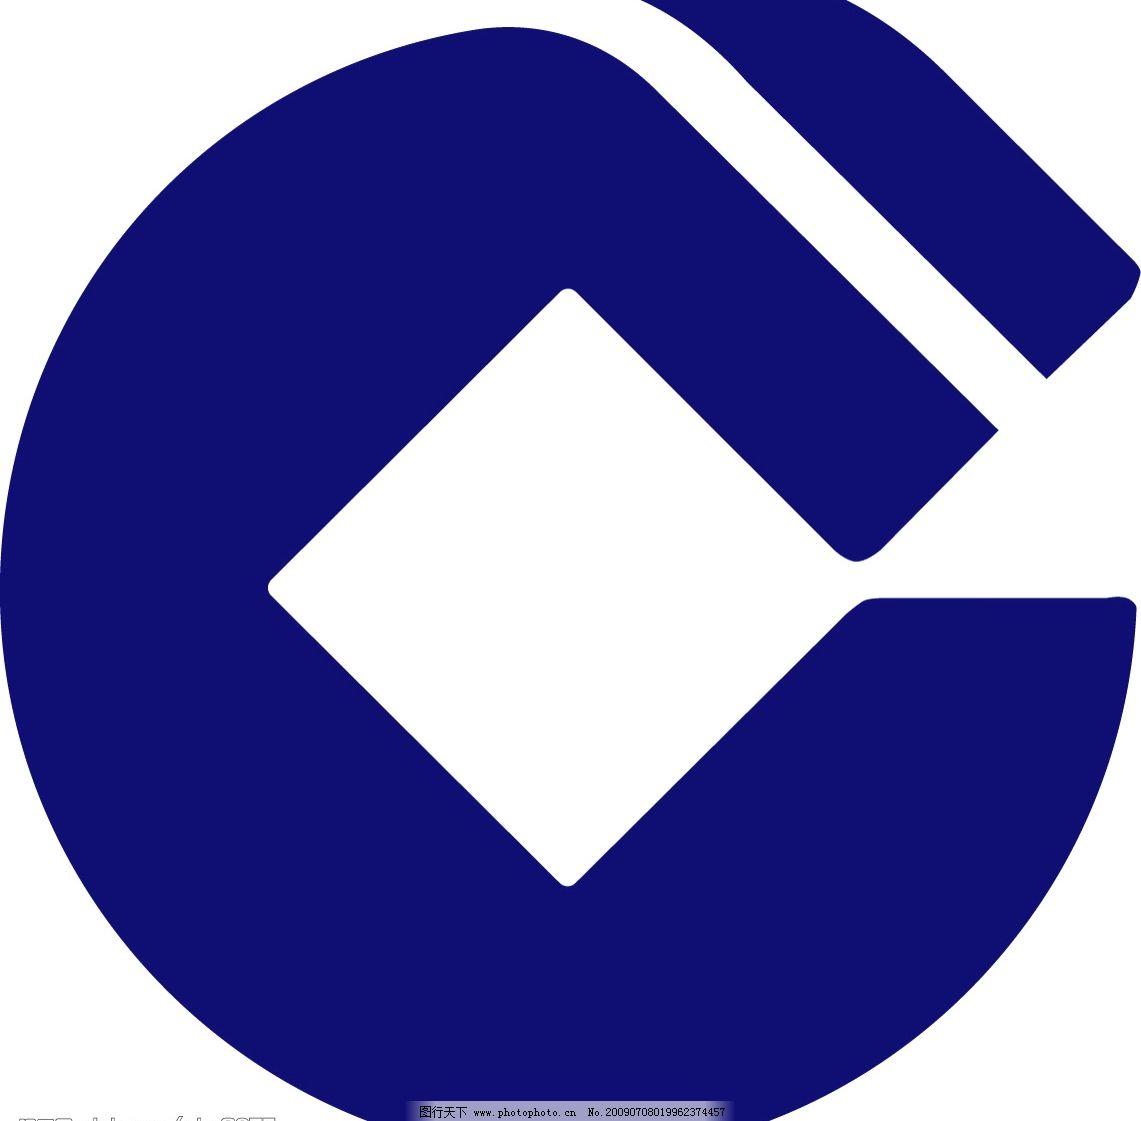 建设银行标志 标识标志图标 企业logo标志 矢量图库 ai